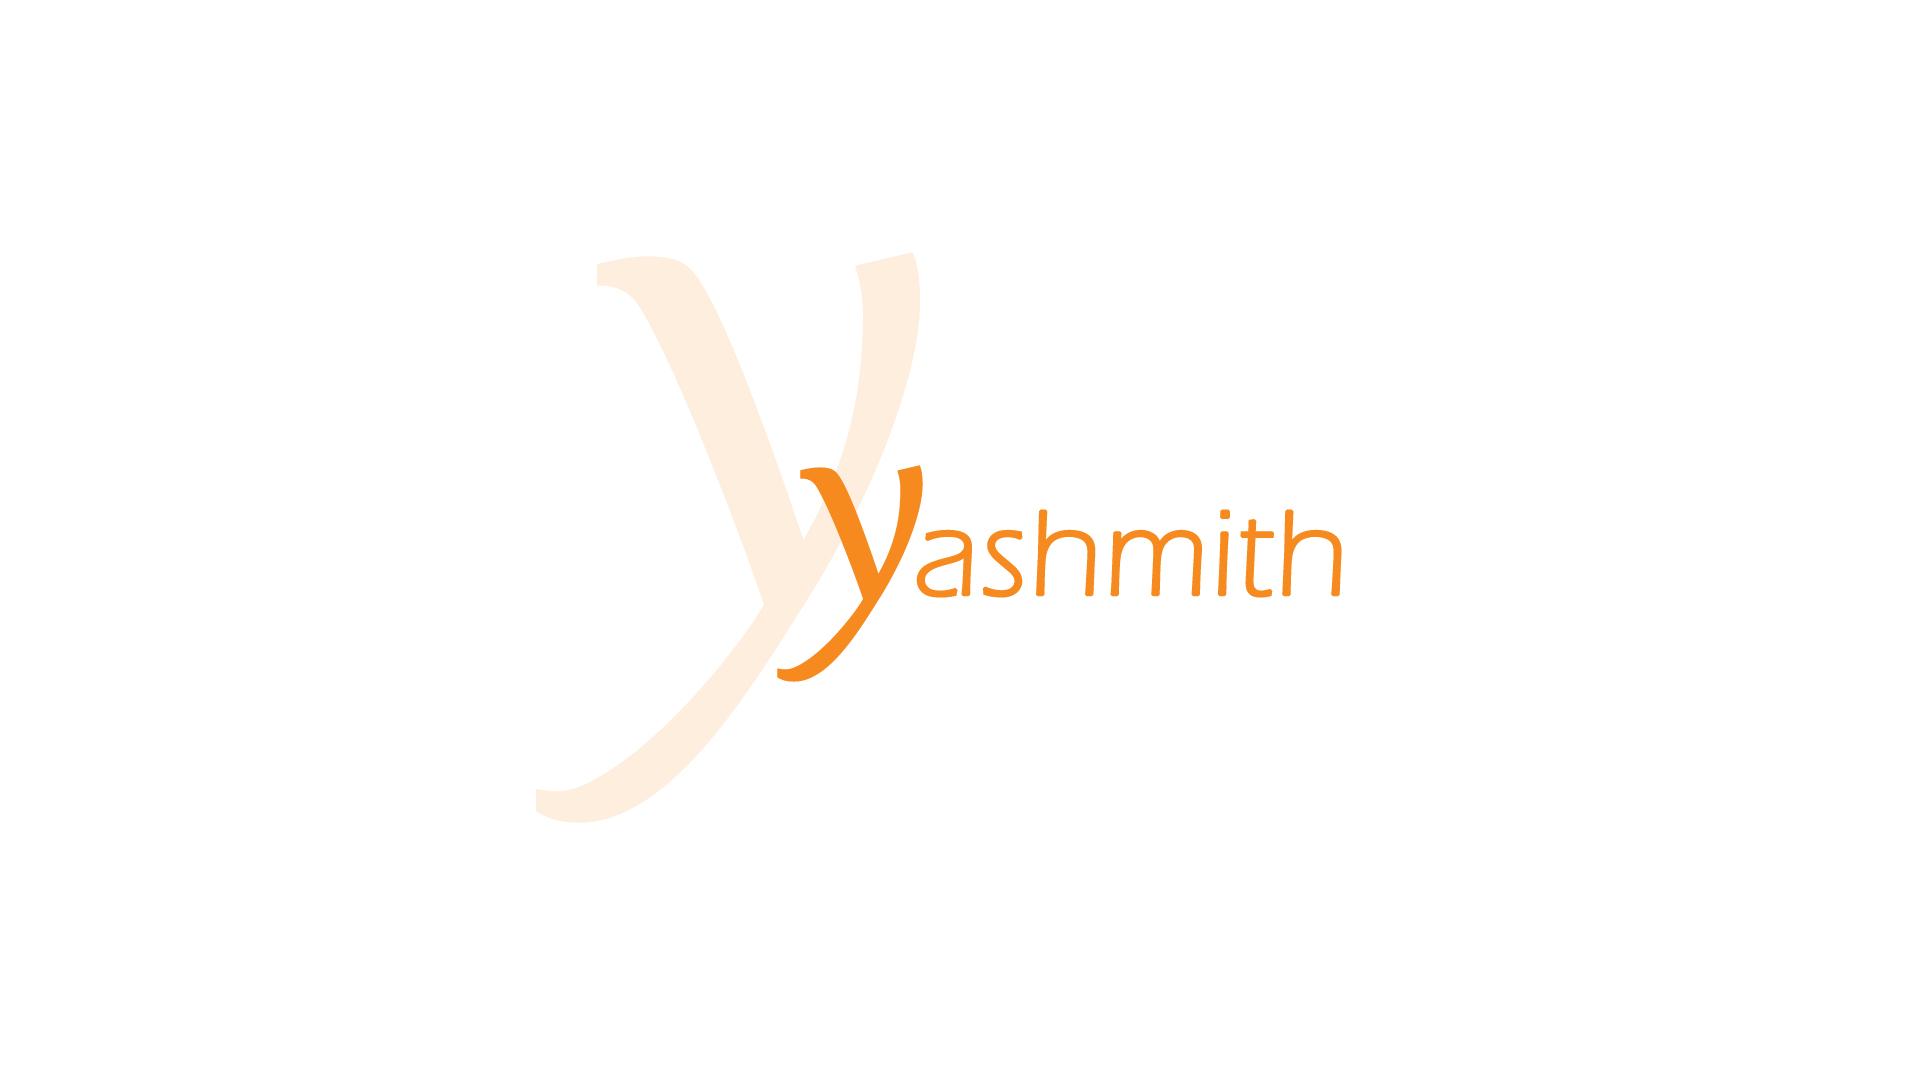 Yashmith | Yashmith Official, Actor Yashmith, யஷ்மித் |